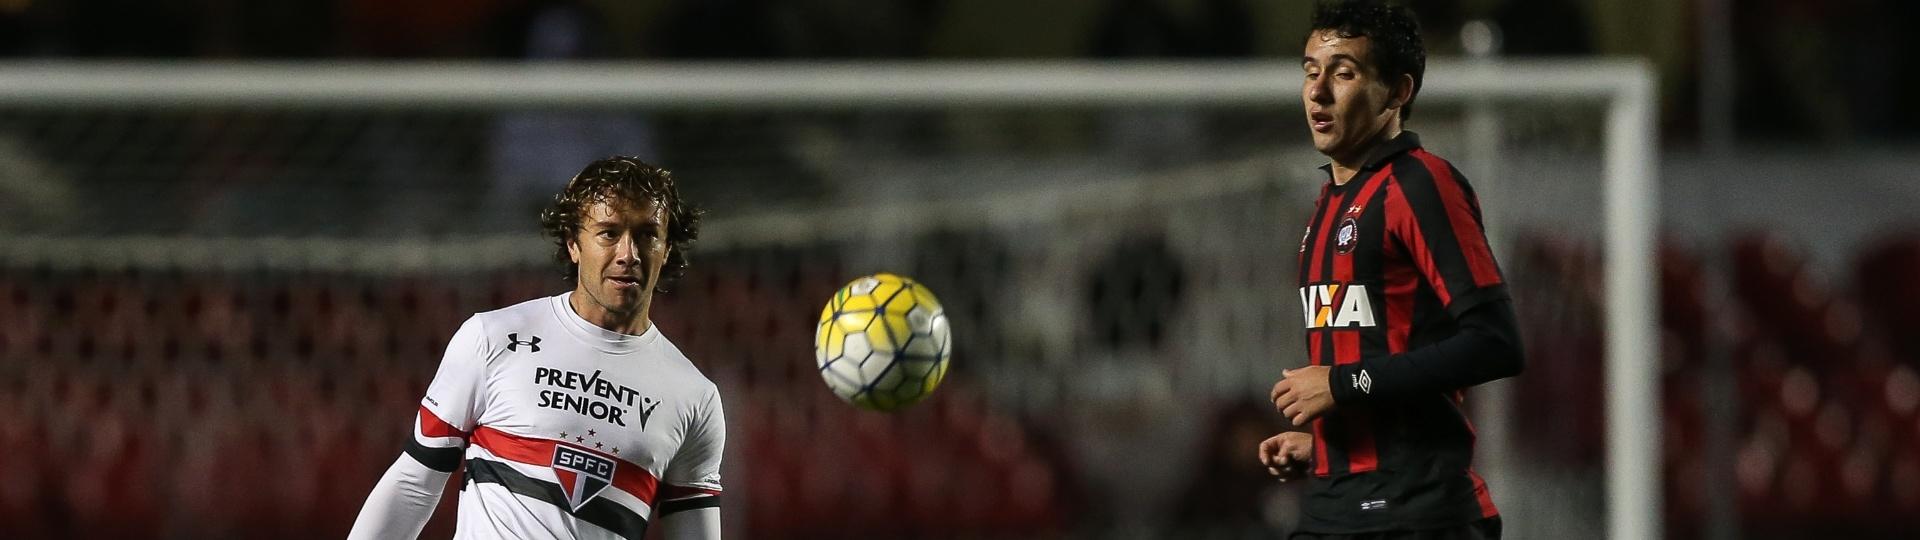 Lugano teve boa atuação diante do Atlético-PR pelo Campeonato Brasileiro